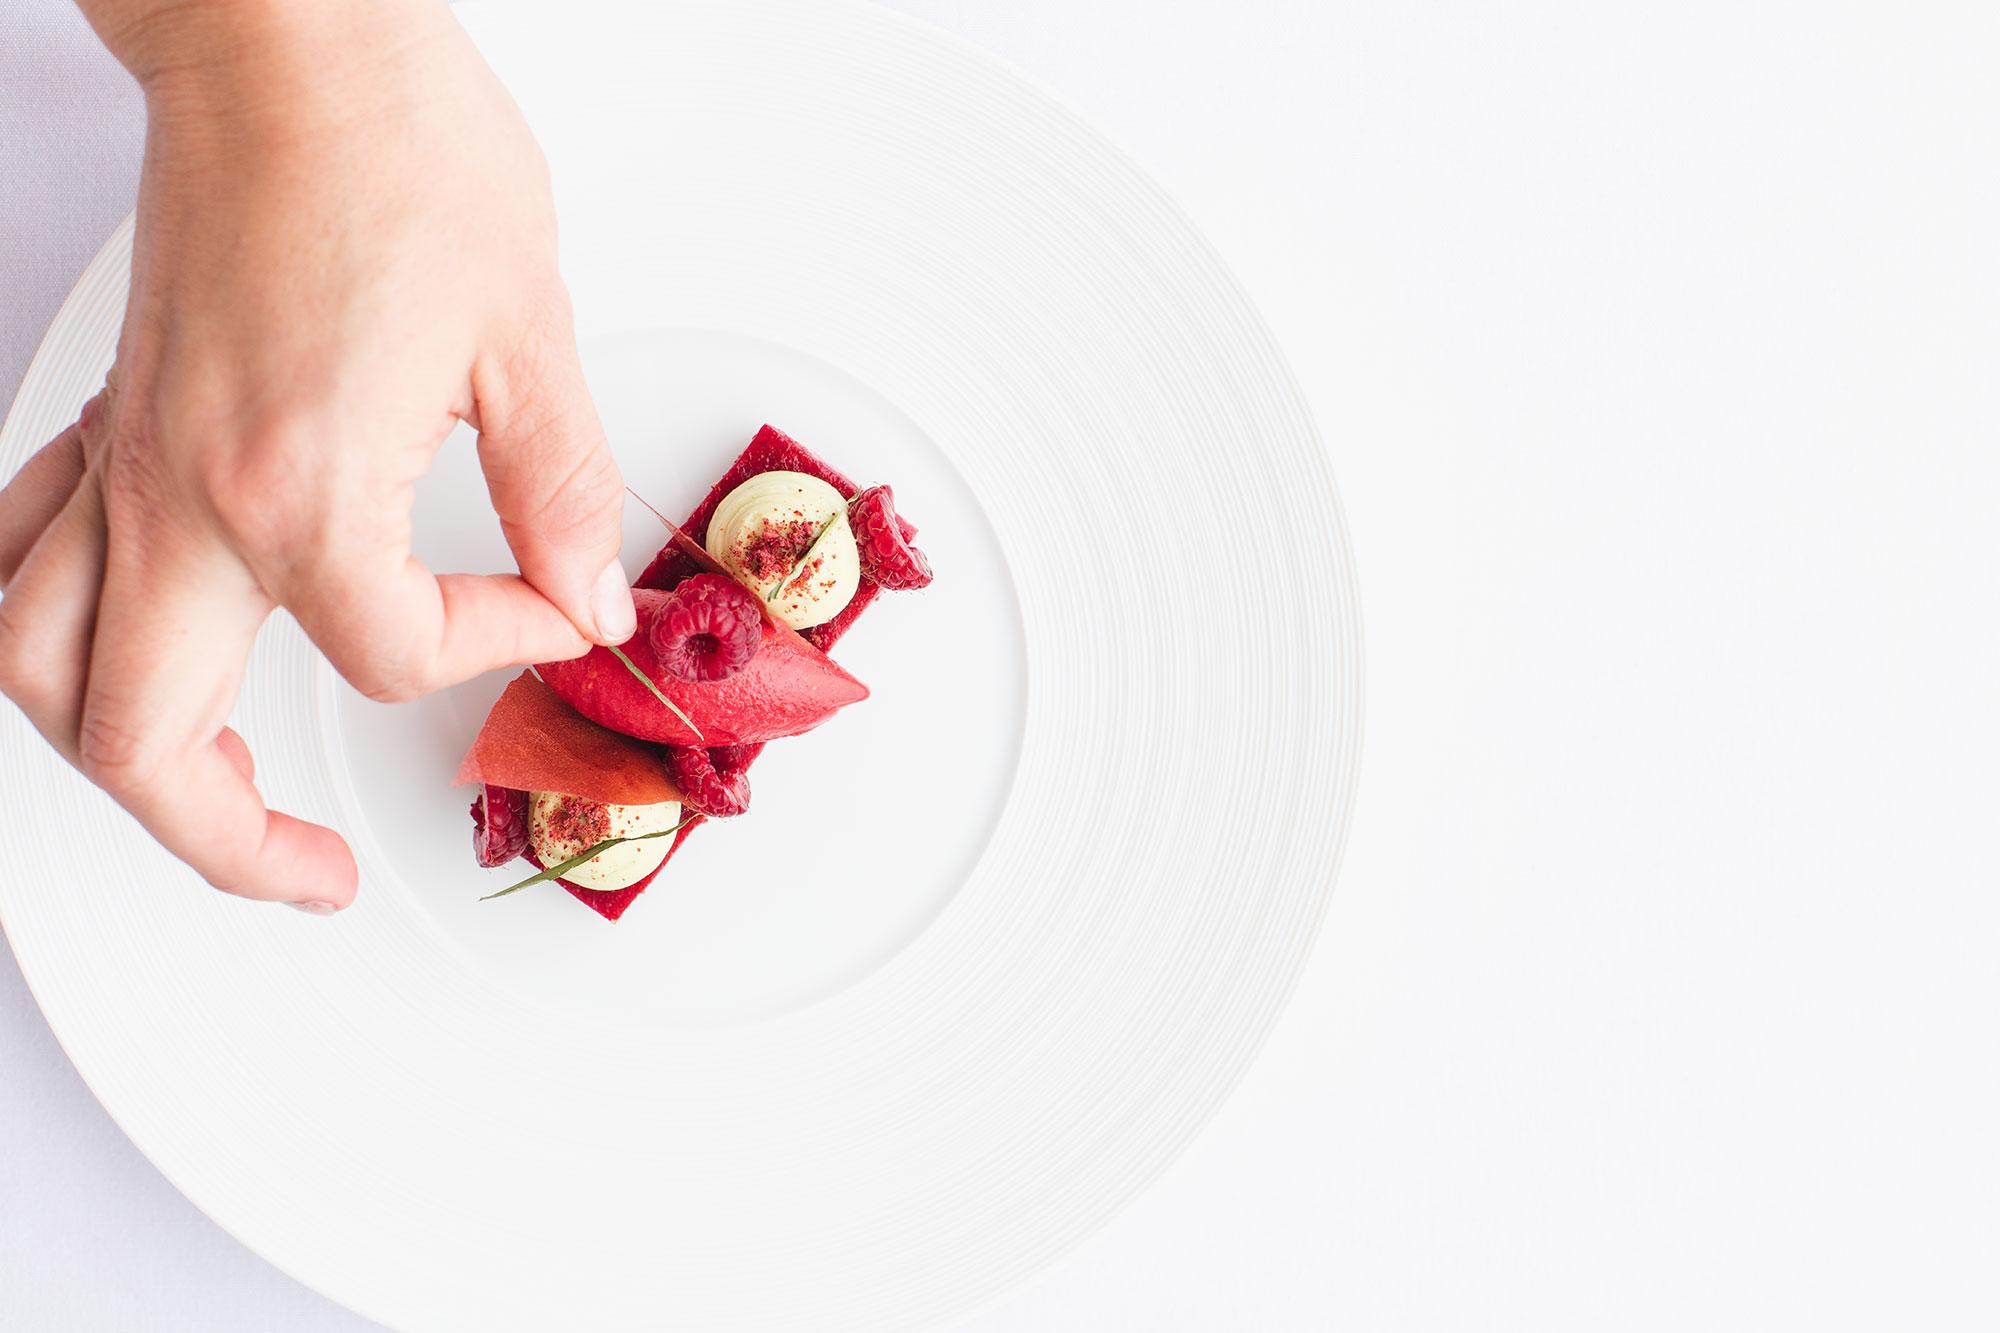 034-folio_Food_Bohemia-9022.jpg